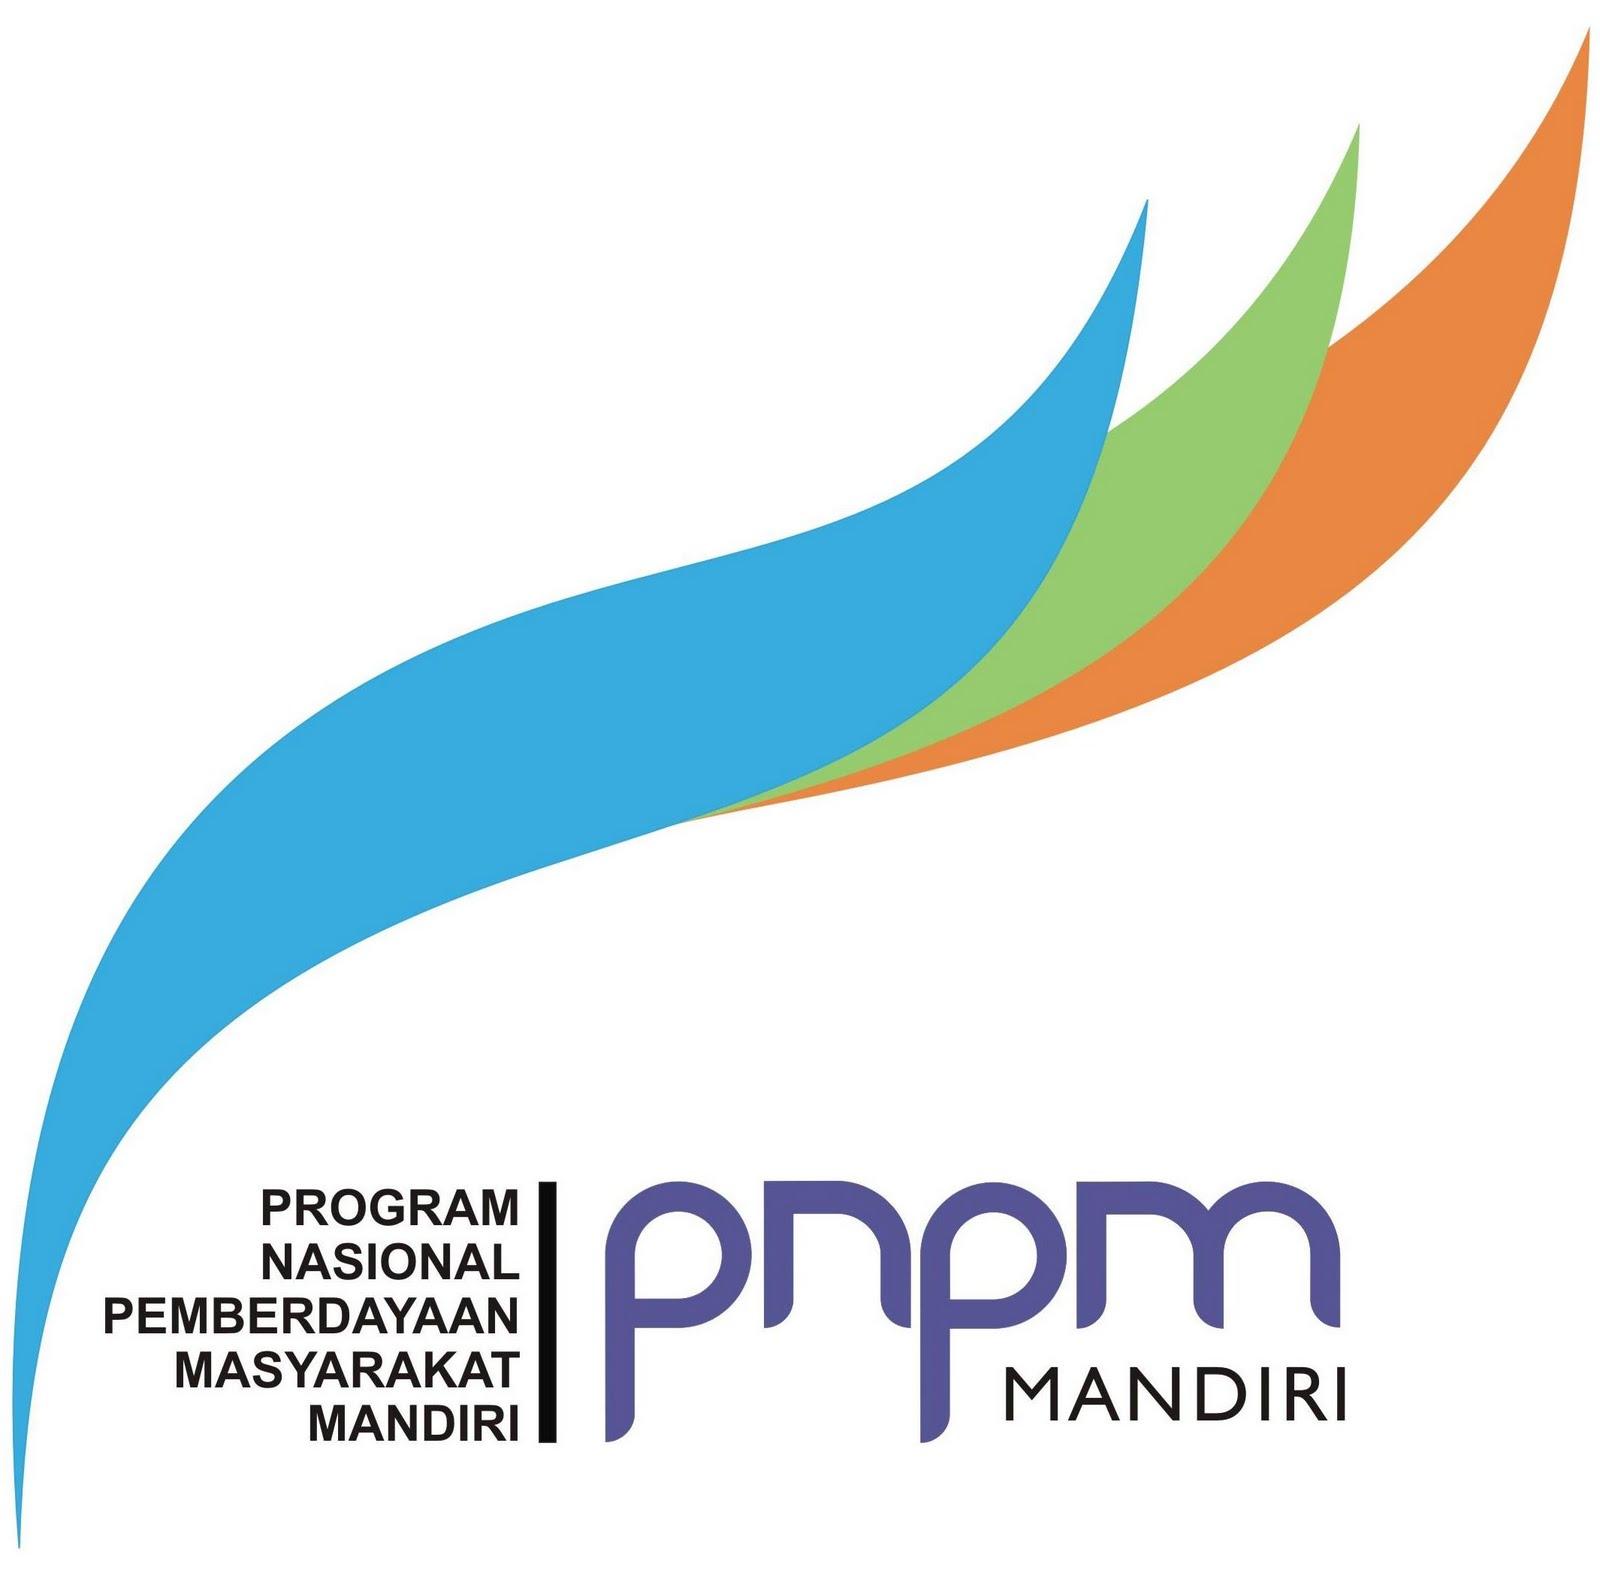 Logo PNPM Mandiri menggambarkan simbol bunga yang sedang mekar yang ...